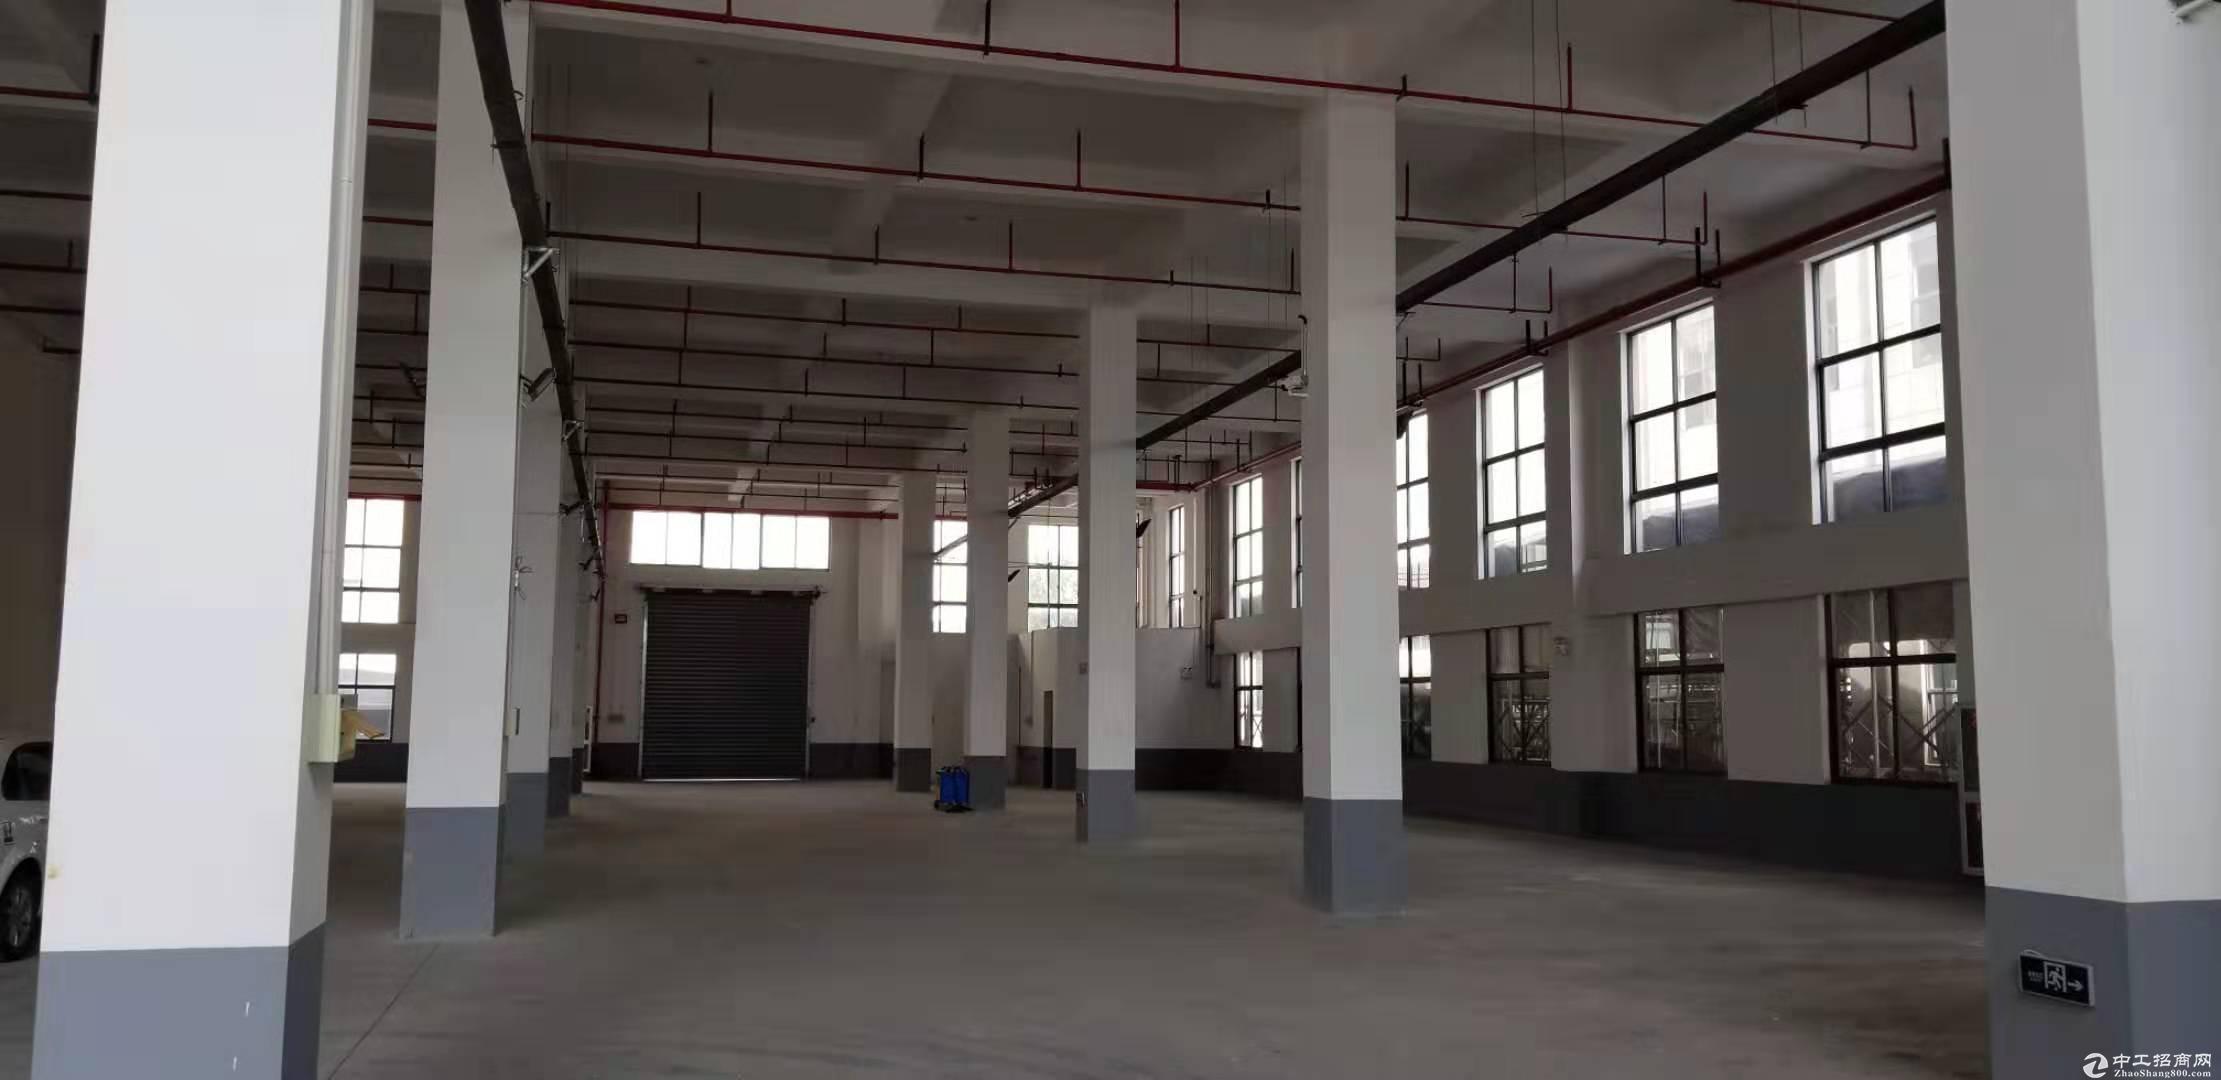 星桥标准厂房出租2000方,交通便利,价格优